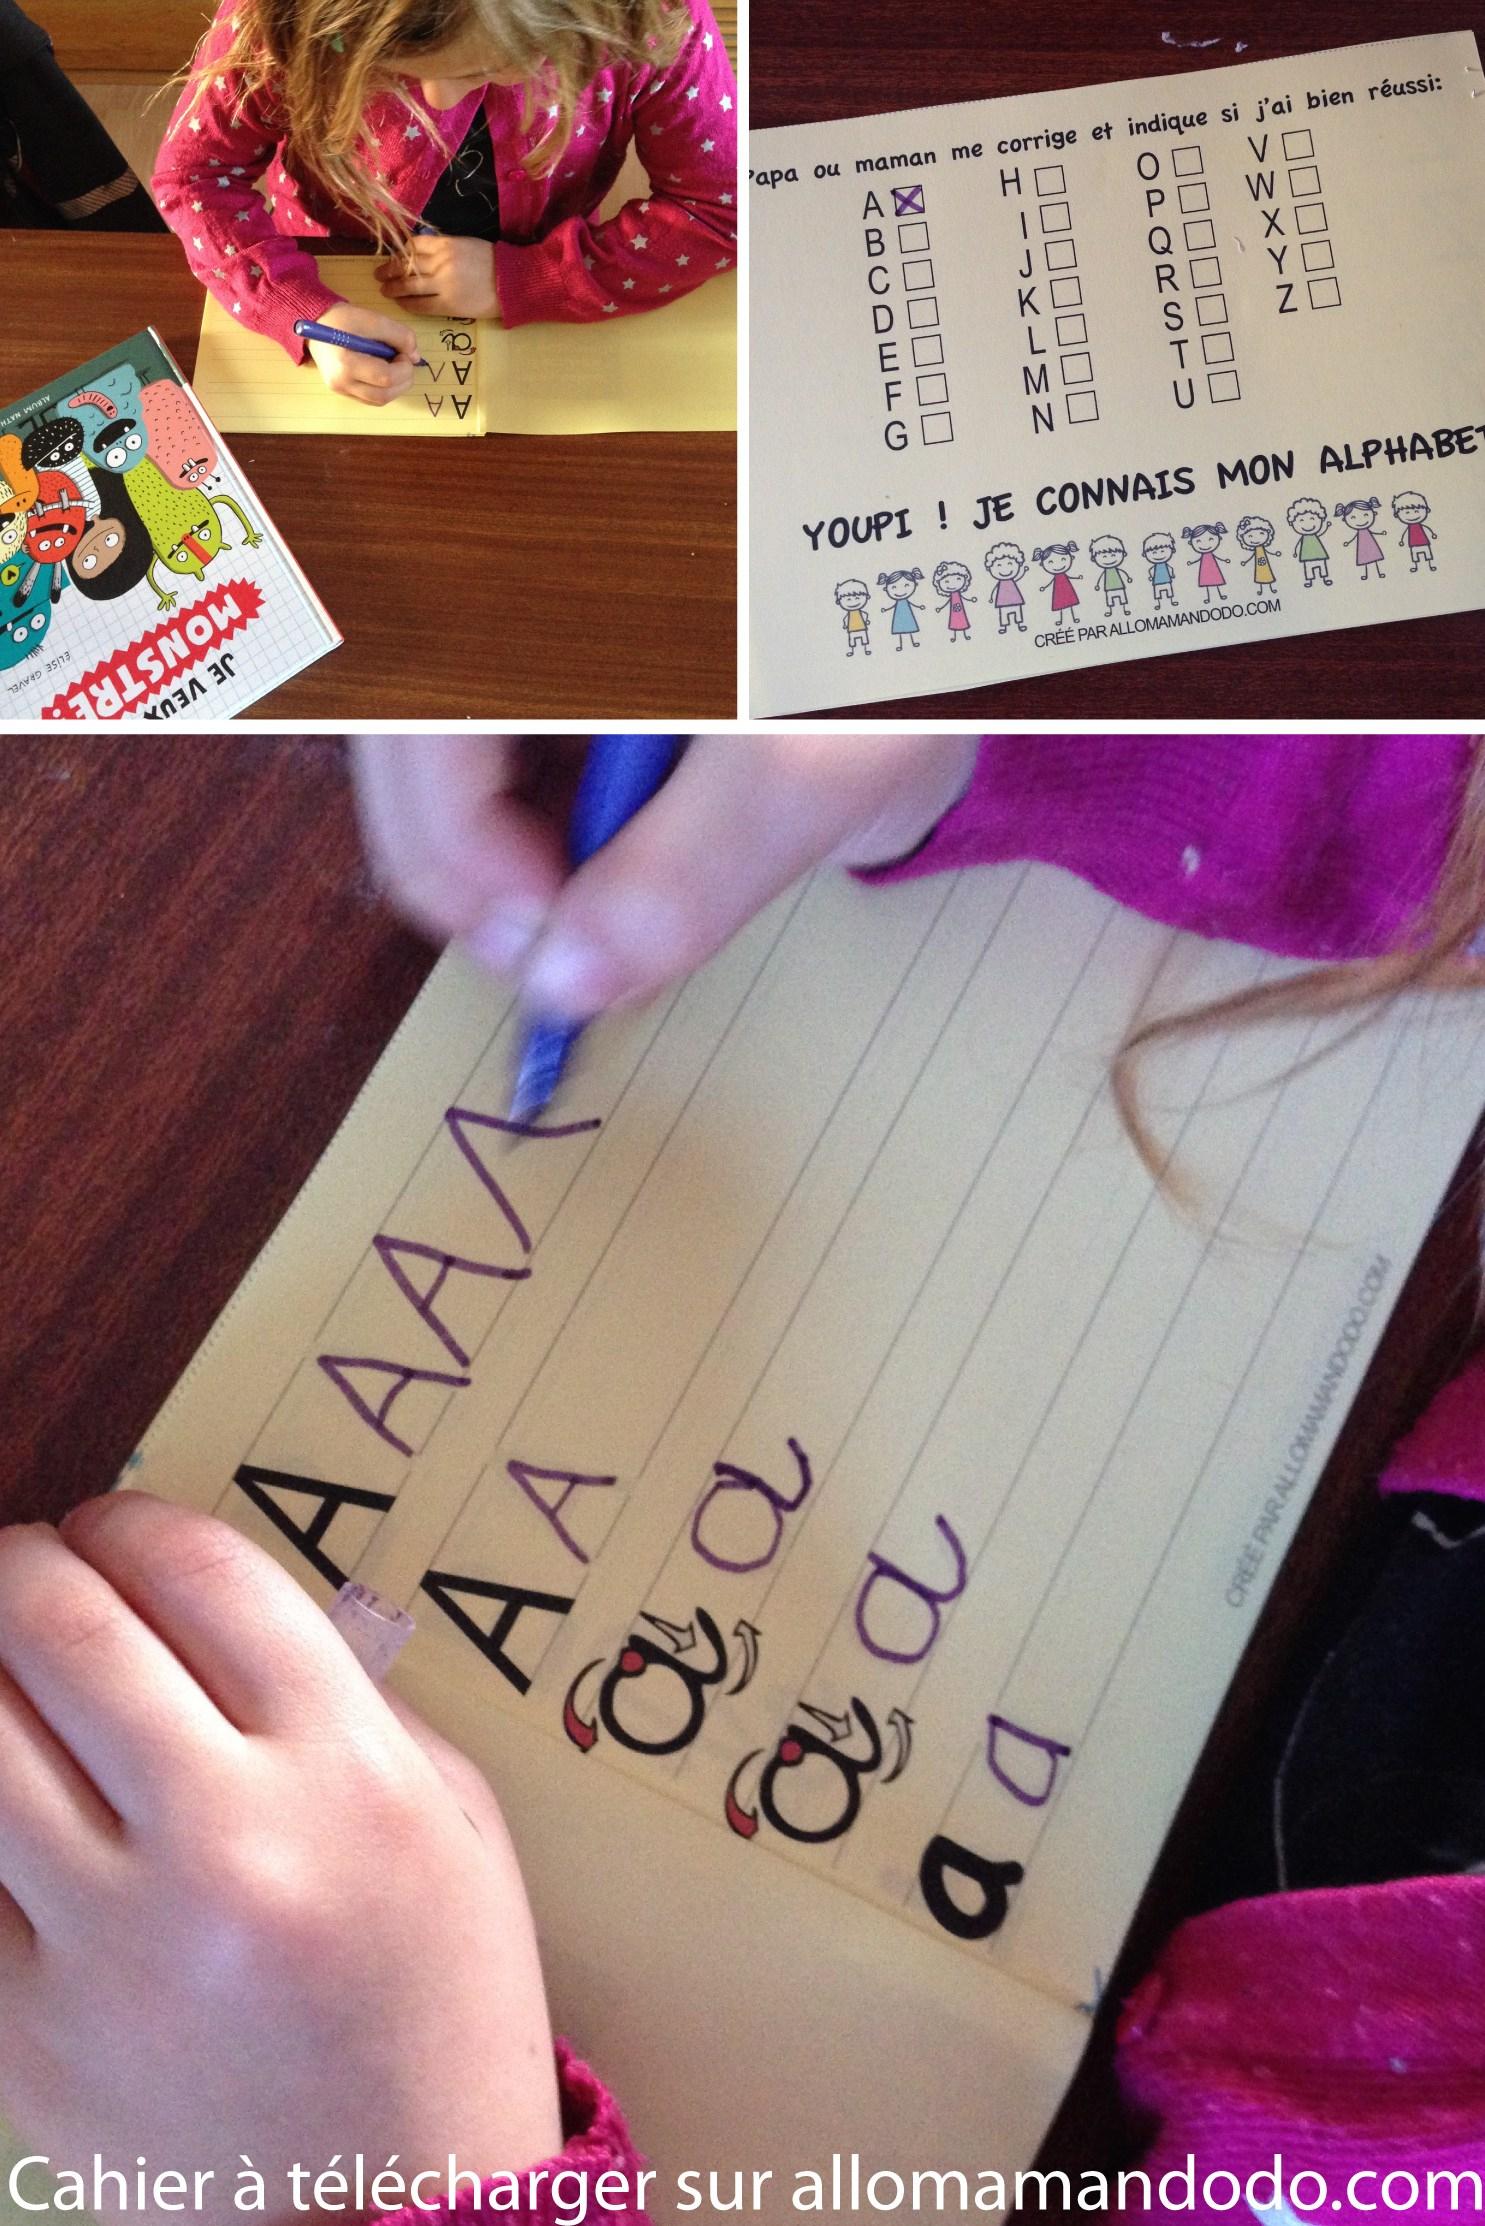 Le Cahier D'écriture De Maternelle À Télécharger ( Gratuit concernant Exercice Pour Apprendre L Alphabet En Maternelle